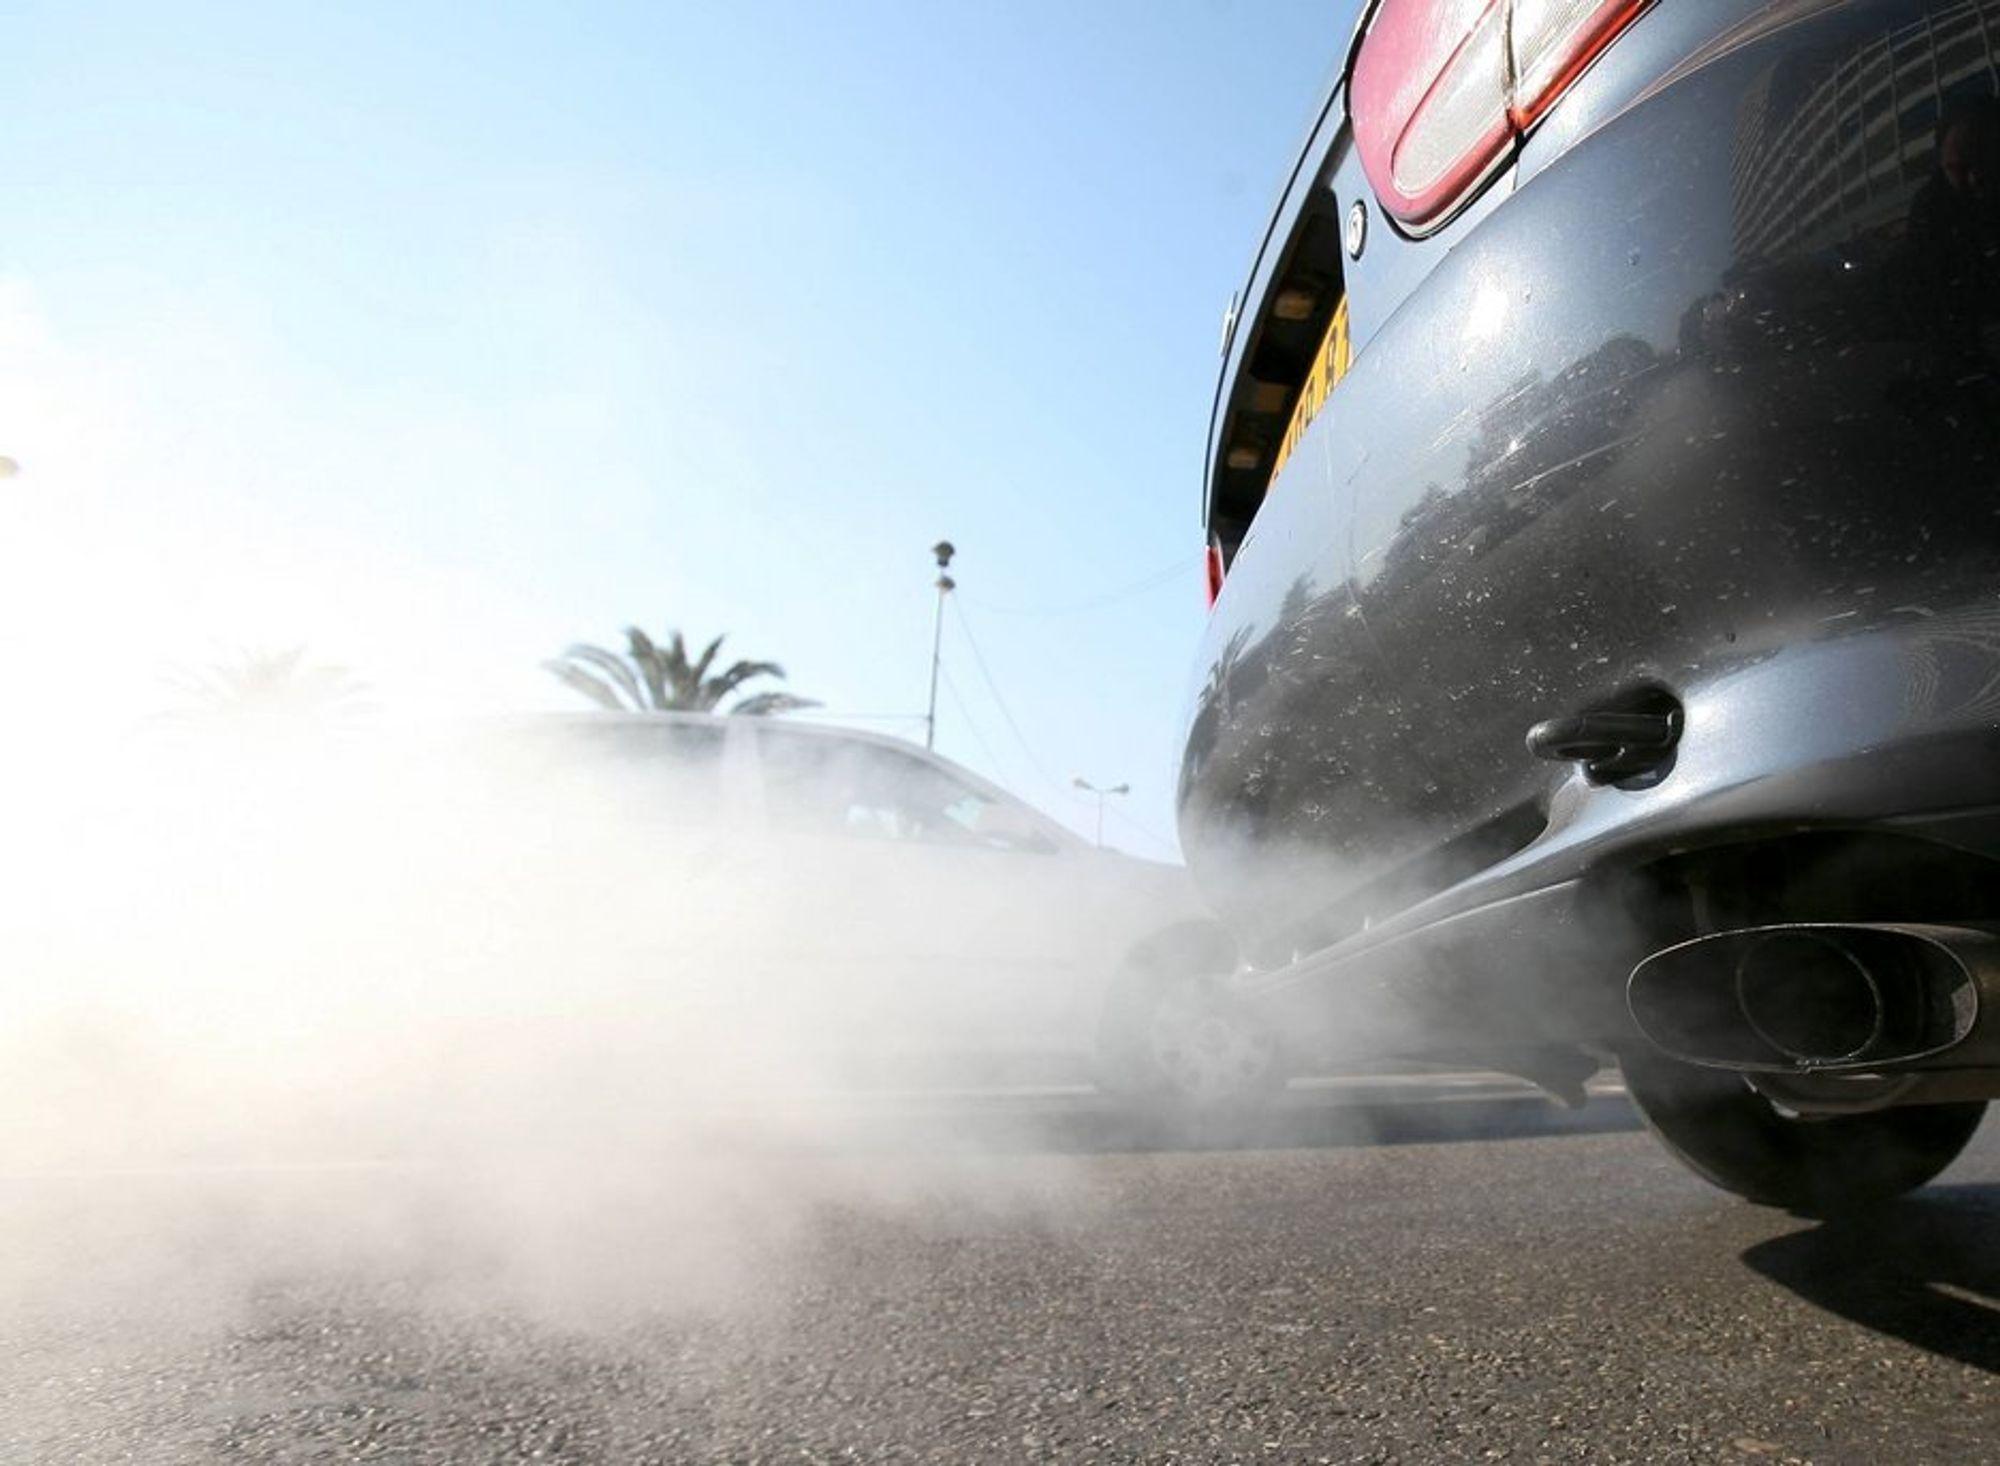 SYNDEREN: Menneskene står bak mye av økningen i CO2-utslippene, for eksempel gjennom bilkjøring. Innholdet av CO2 er høyere enn noensinne siden før den industrielle revolusjon, sier meteorologorganisasjonen WMO.